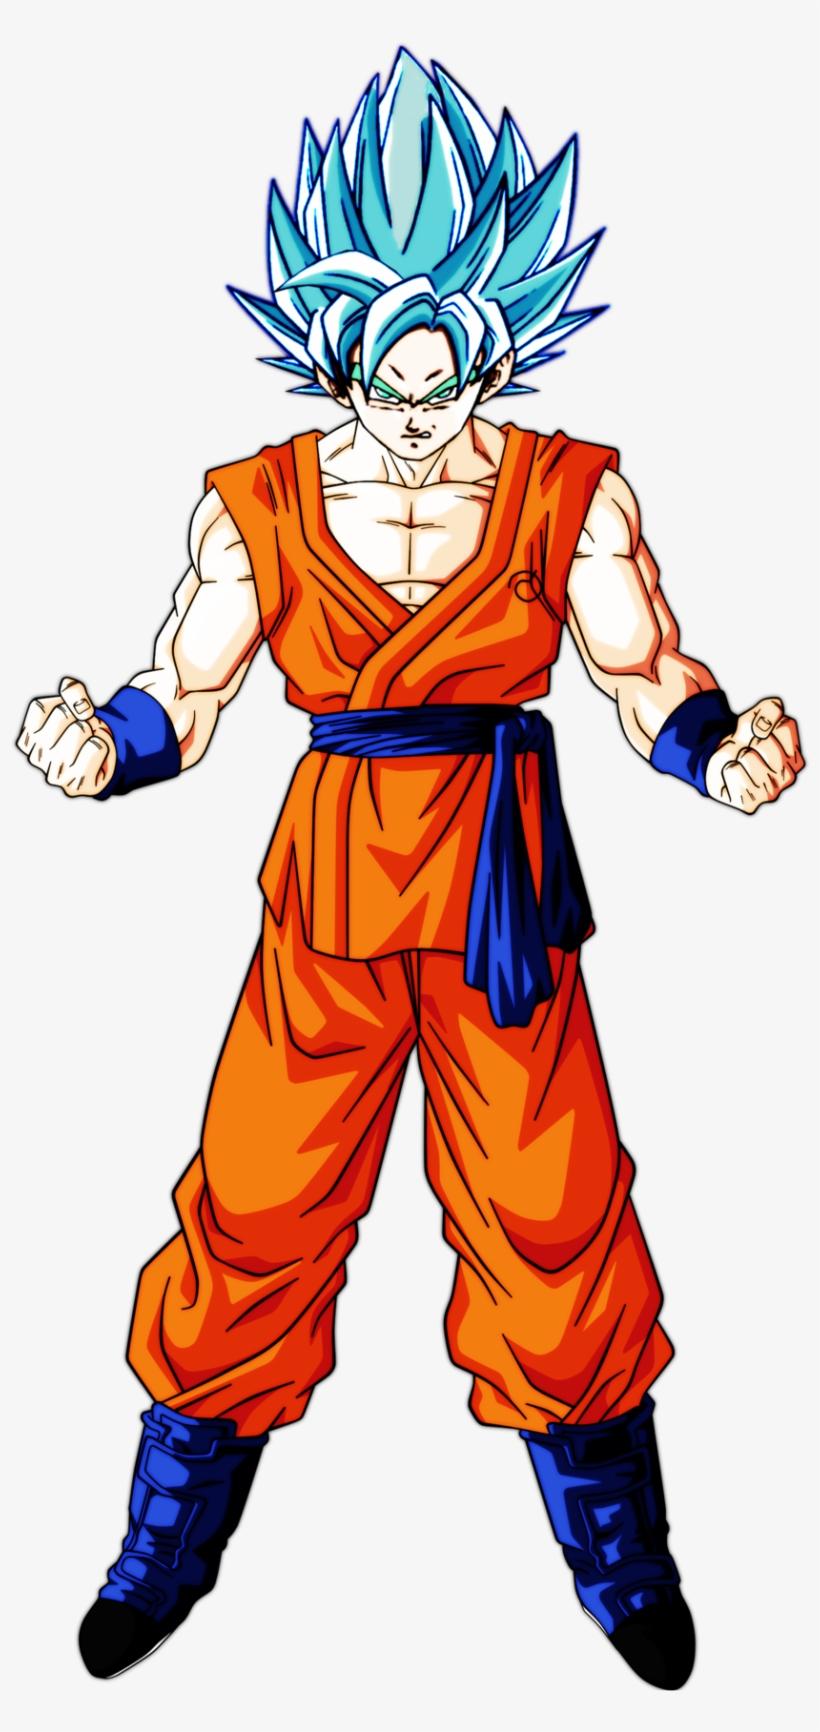 Super Saiyan Beyond God Goku Dragon Ball Super Dragon Ball